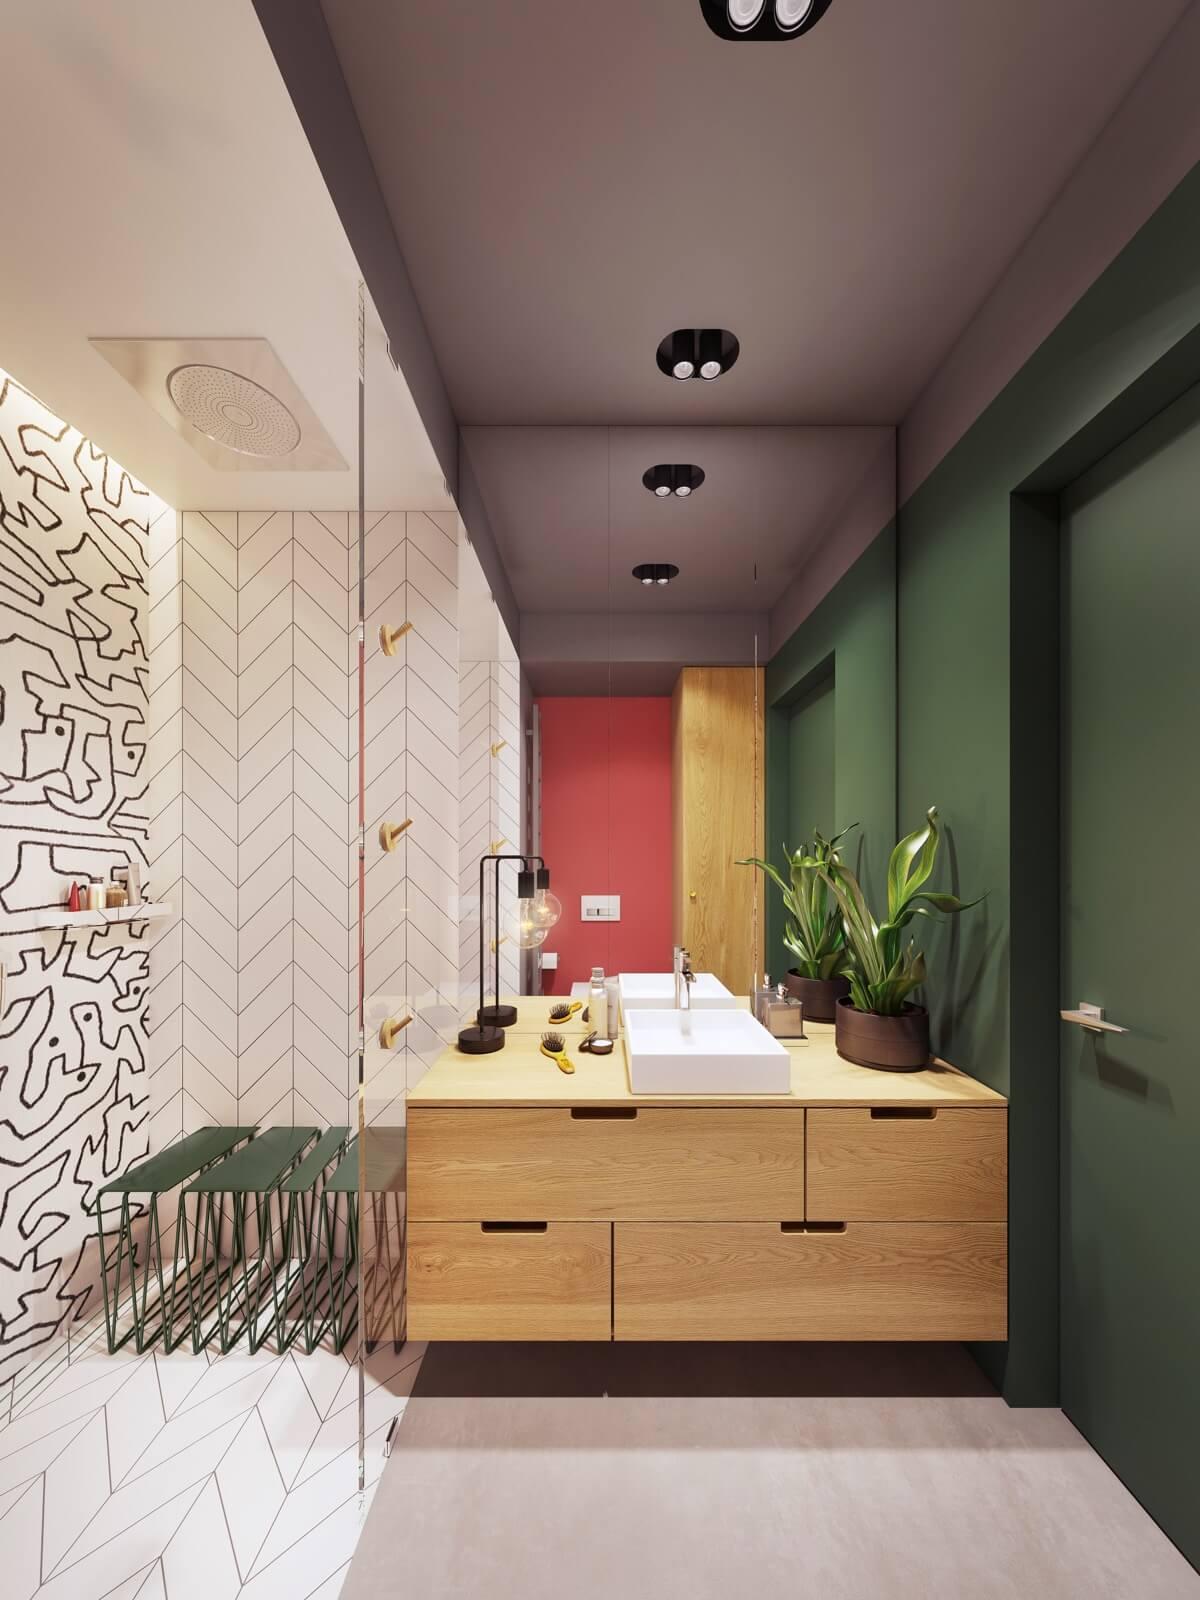 mẫu thiết kế nội thất chung cư hiện đại 6